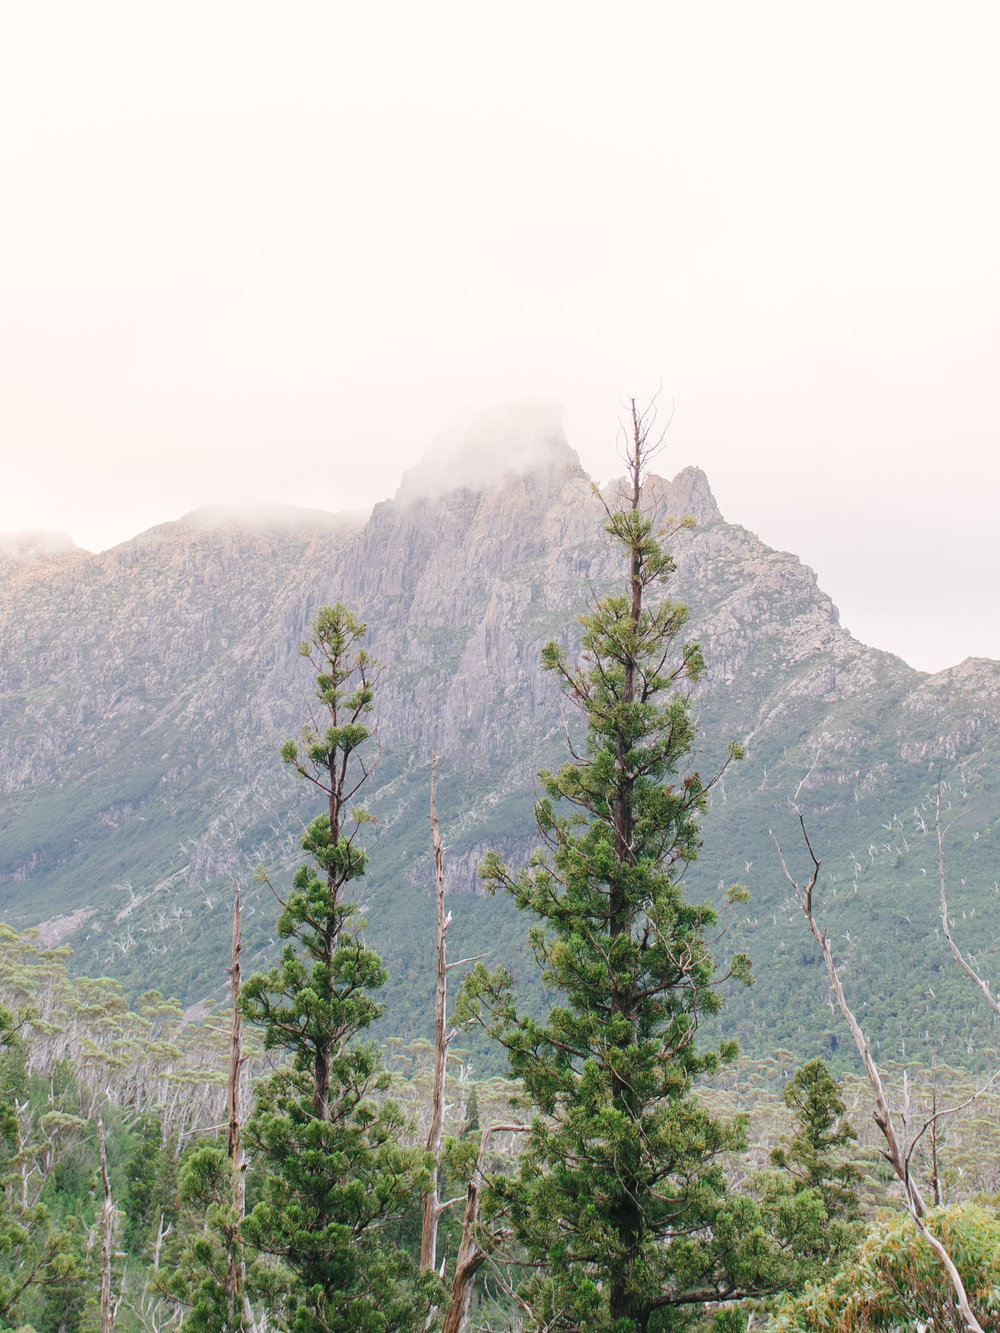 Geryon Pencil Pine